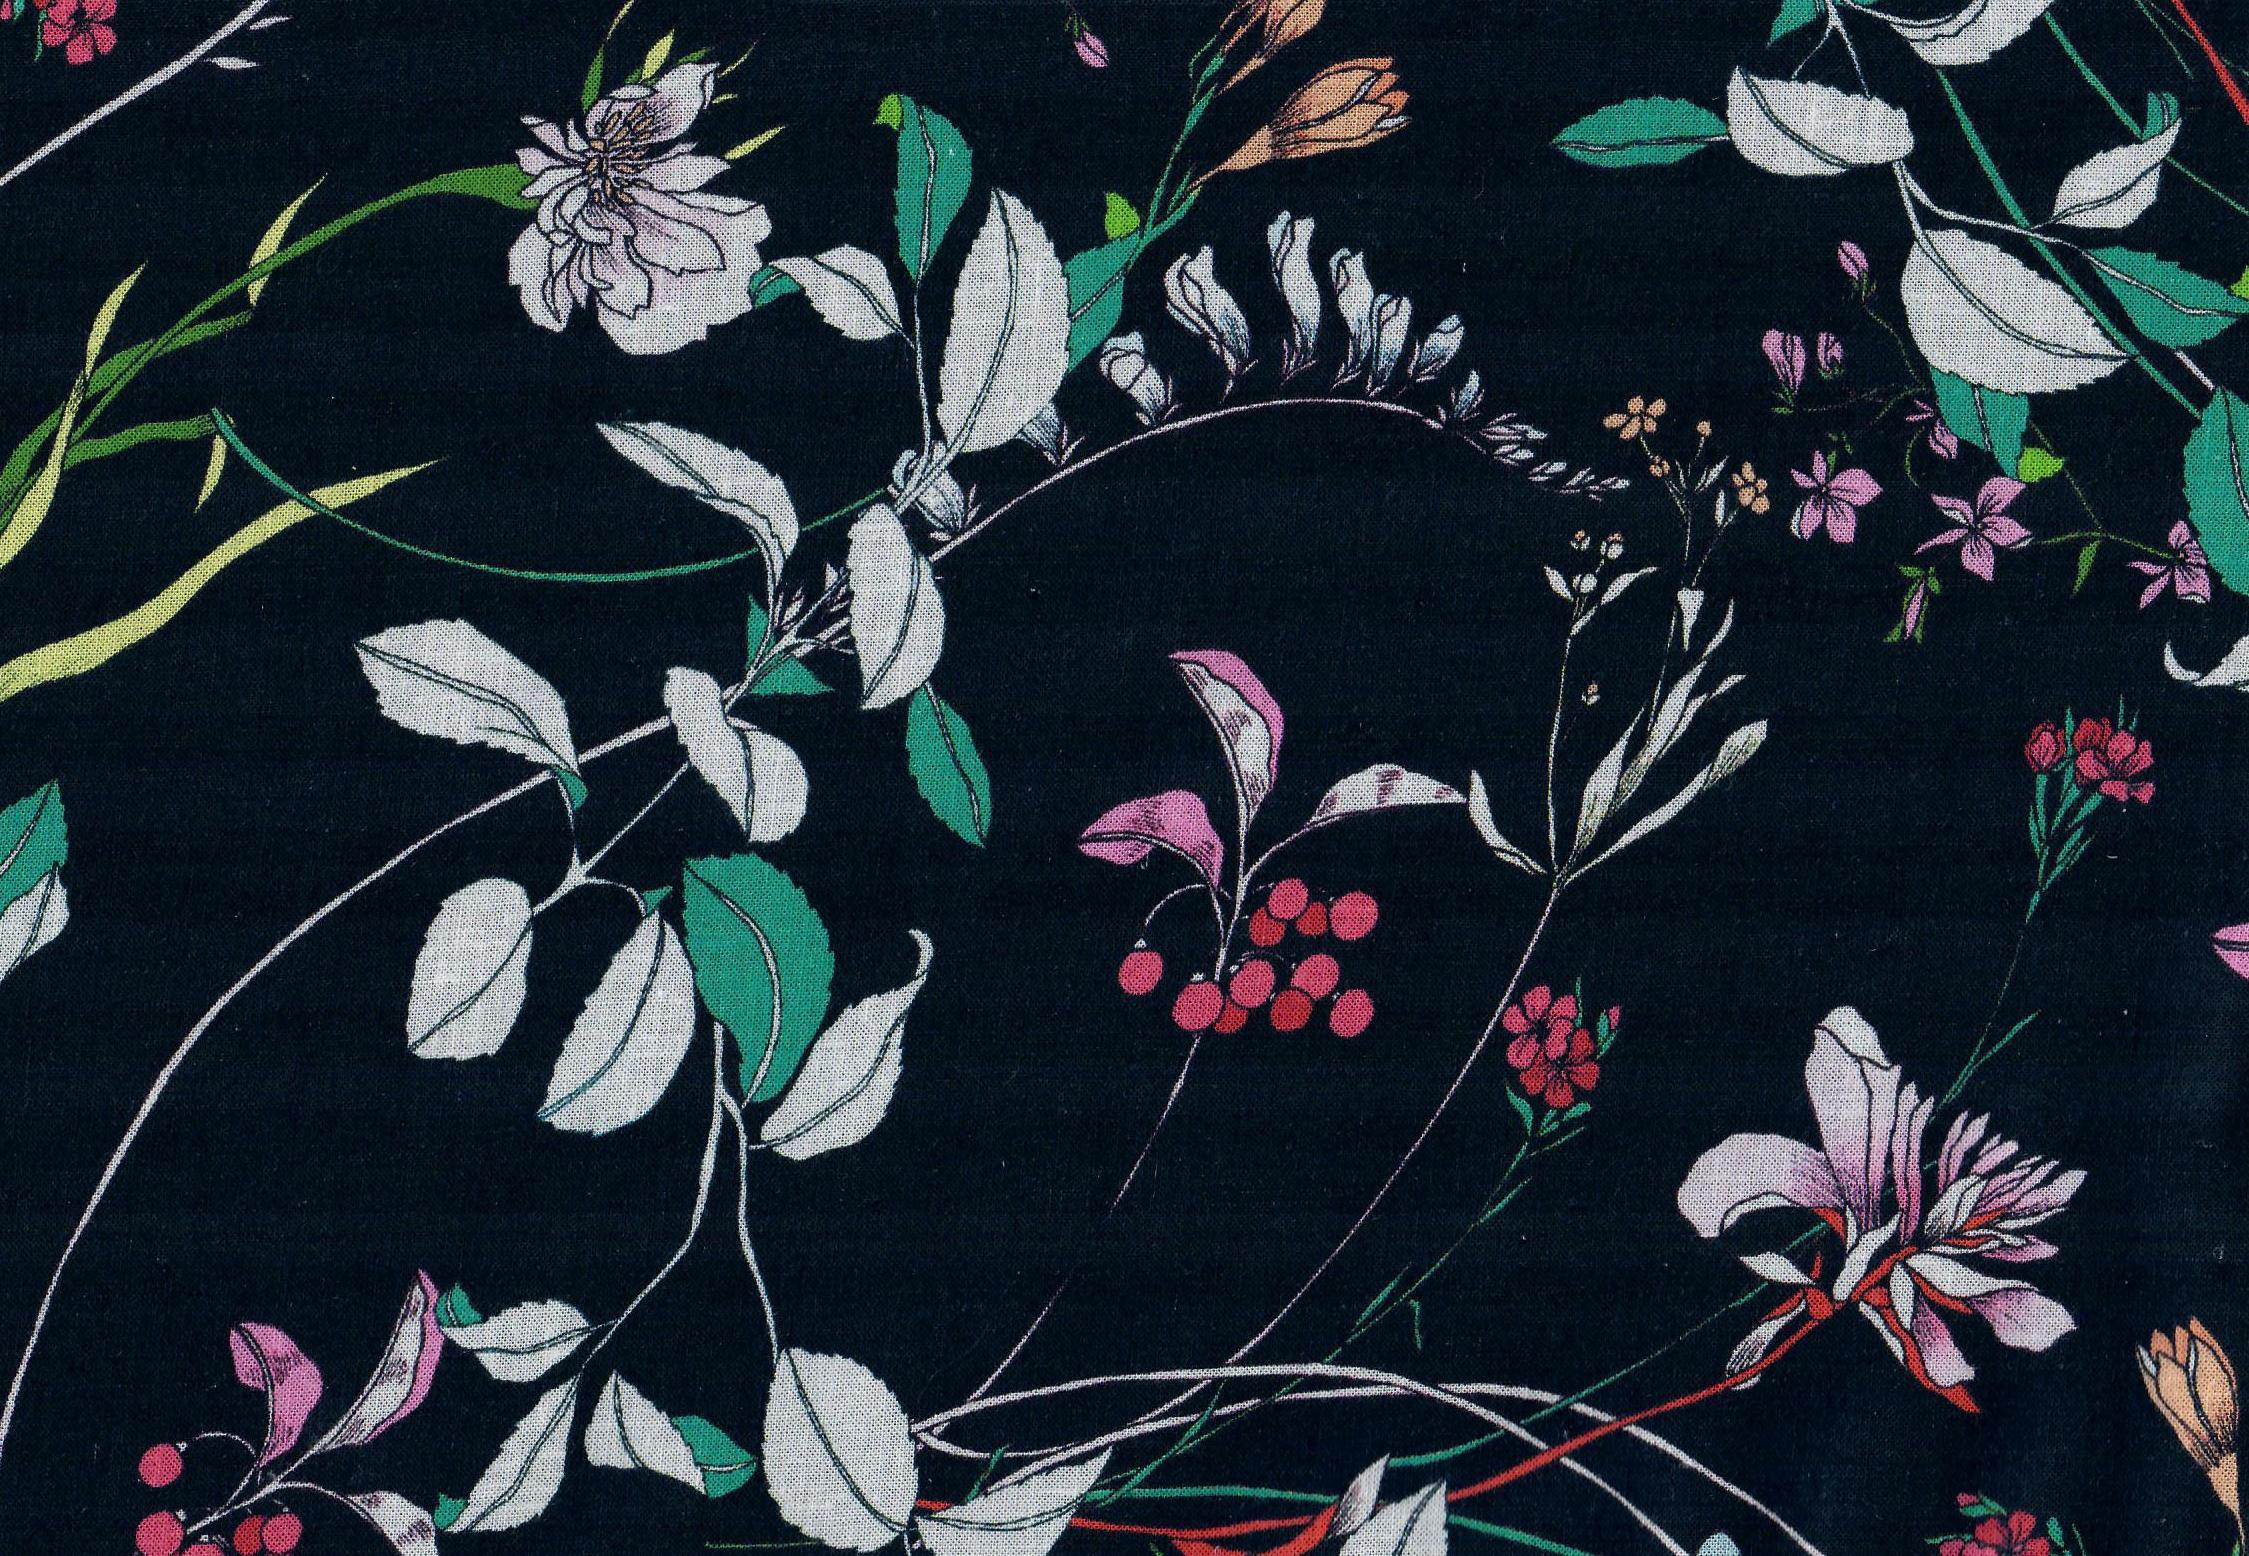 Flower - schwarz bunt.jpg 3